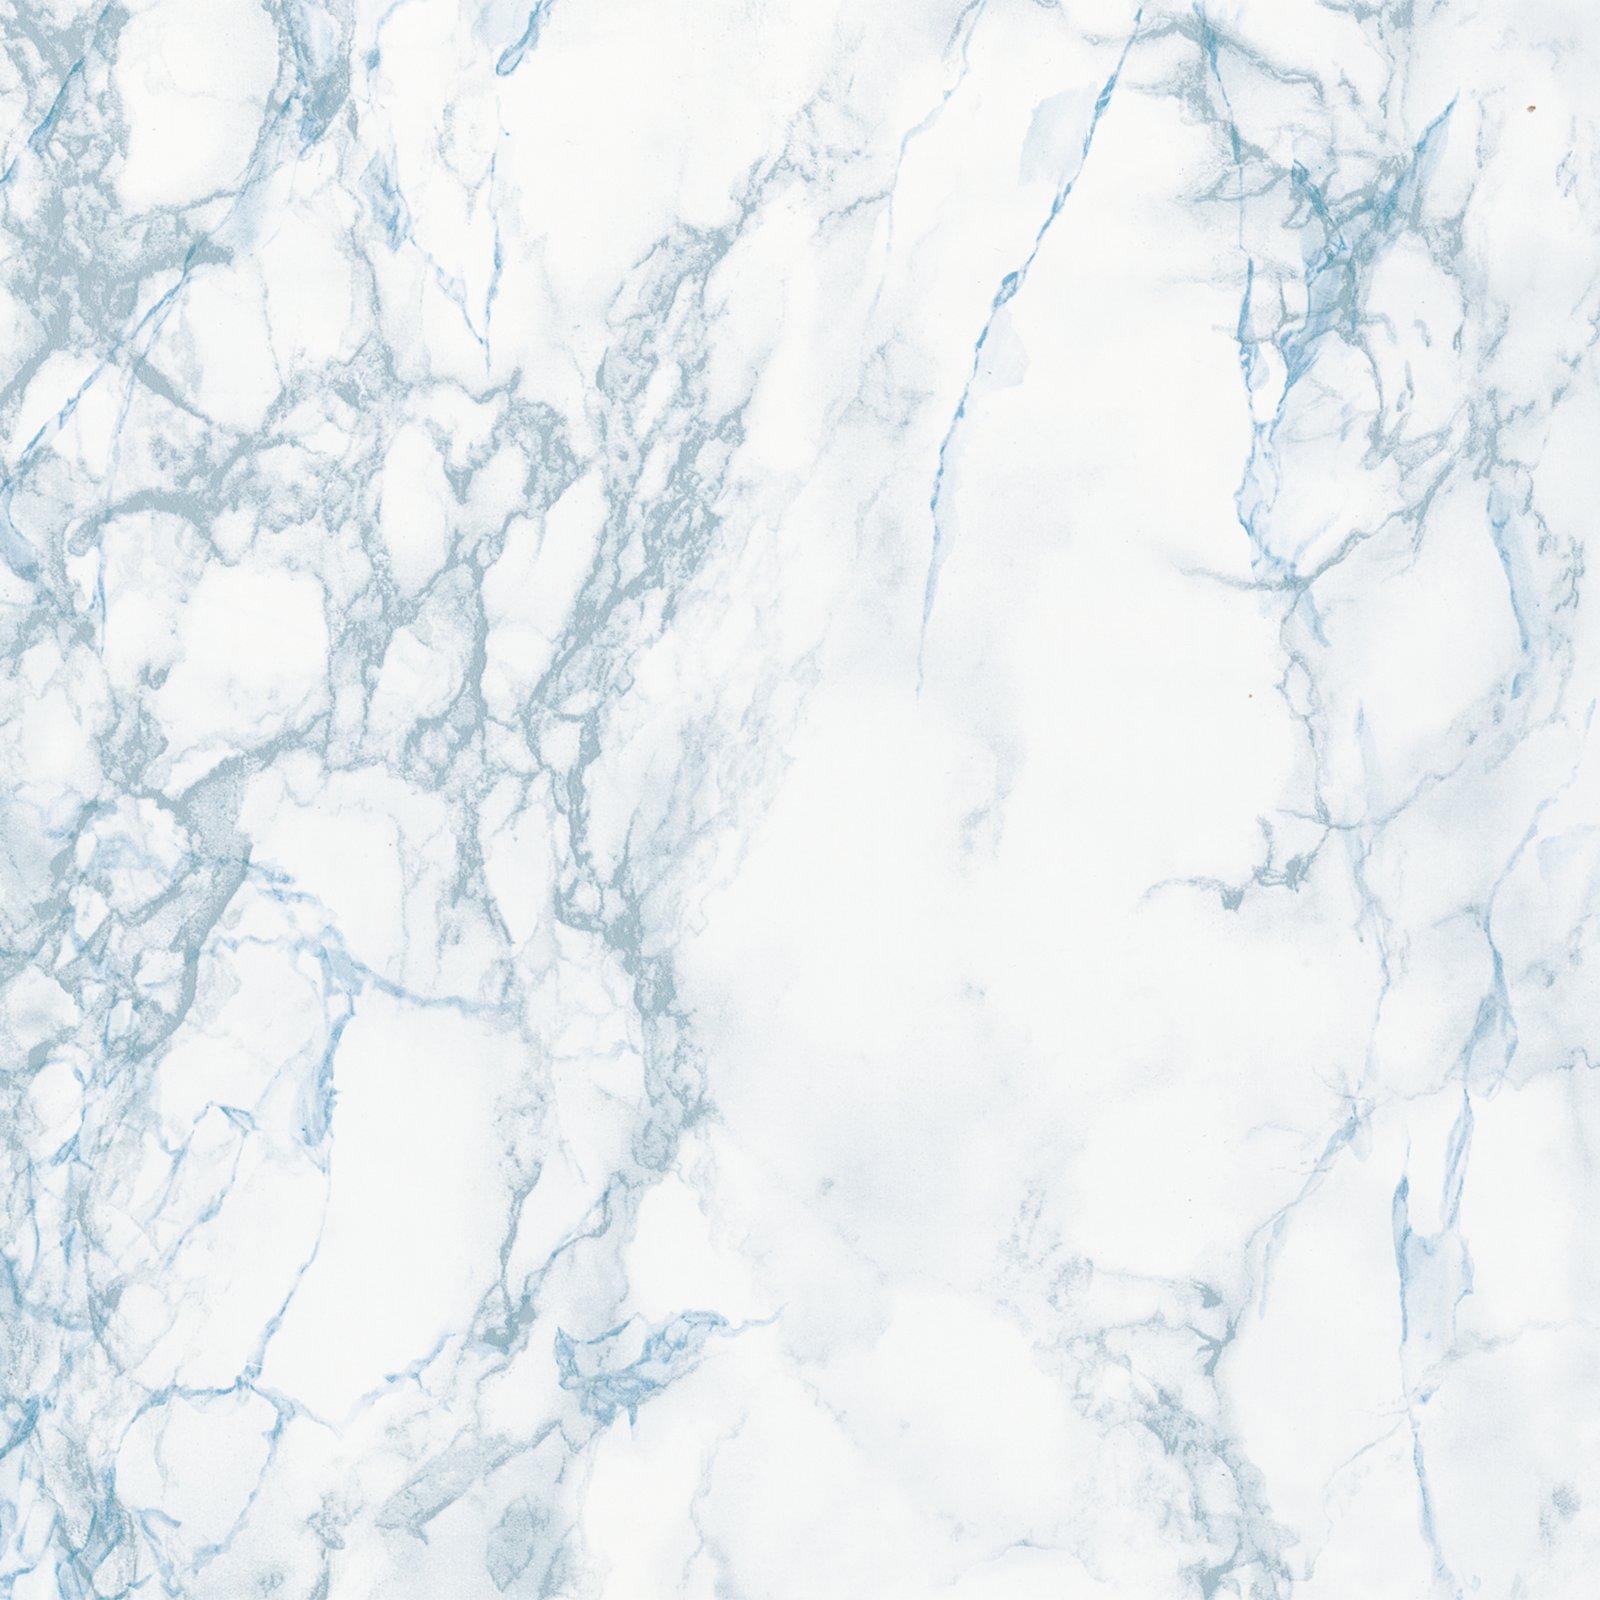 d-c fix Klebefolie - Cortes Blau - Marmor - 67,5x200 cm